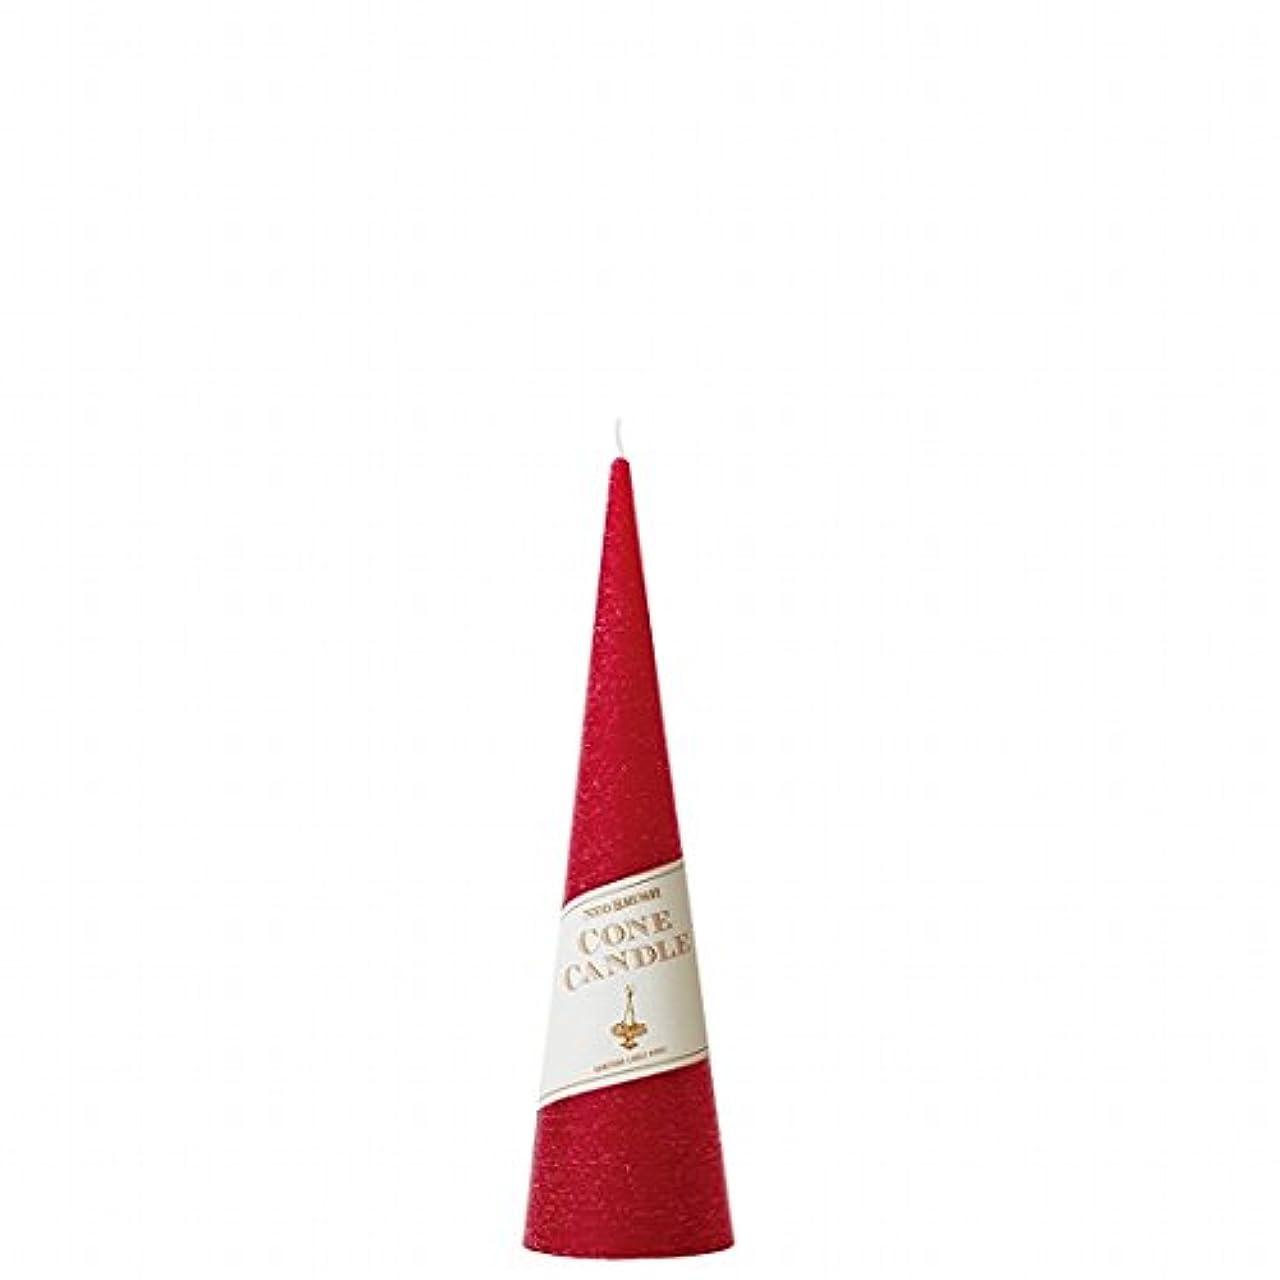 考えるマーカー隠すkameyama candle(カメヤマキャンドル) ネオブラッシュコーン 180 キャンドル 「 レッド 」(A9750010R)